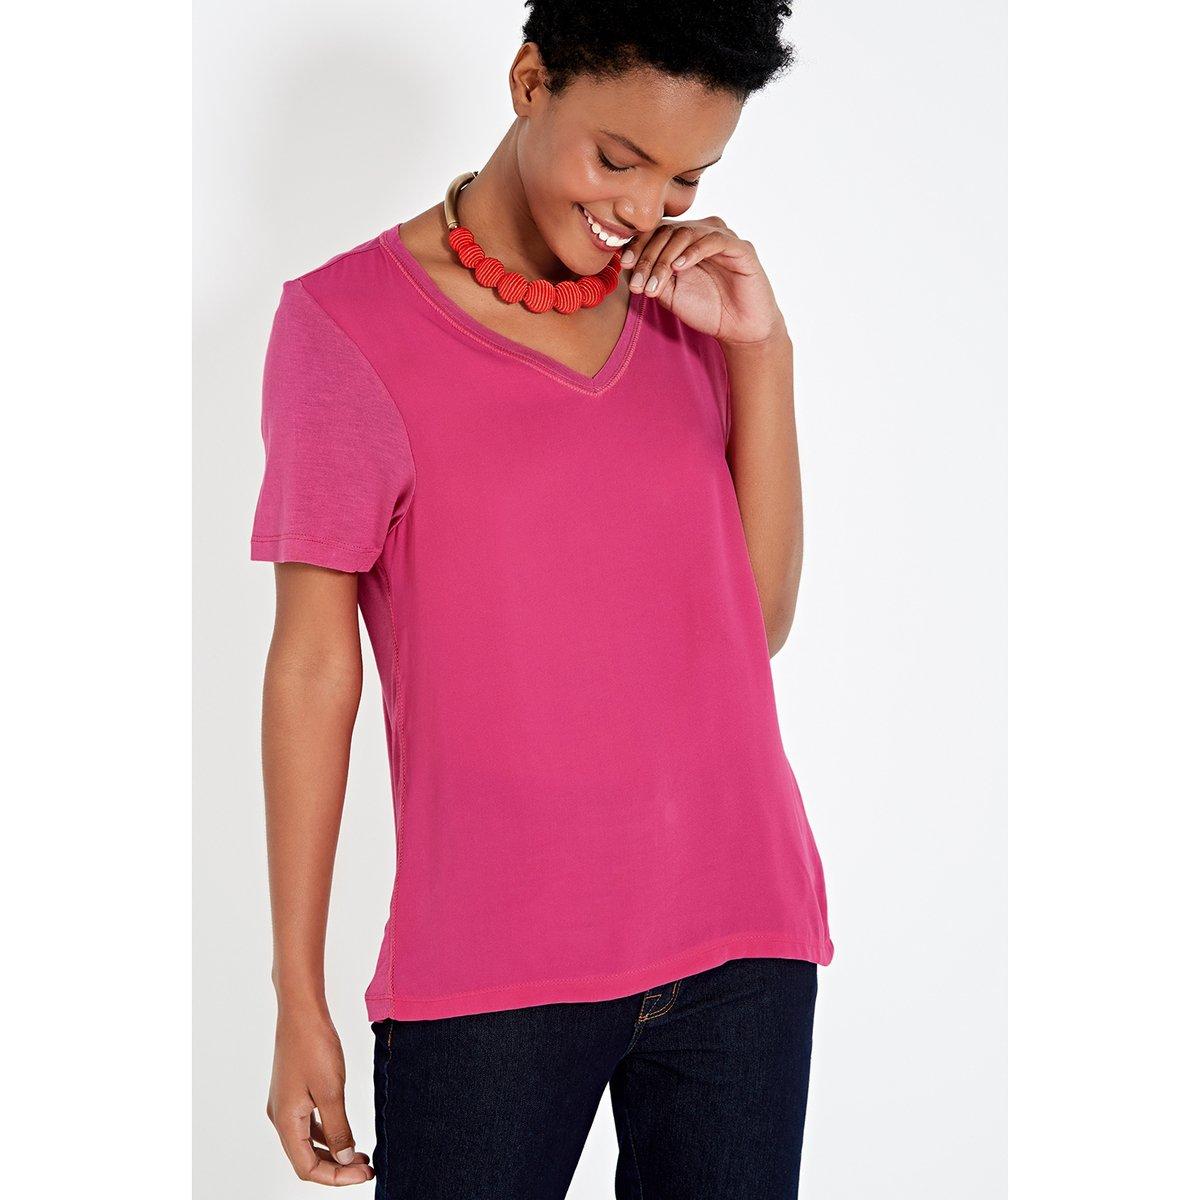 Tecido Basic Blusa E Tecido E Basic Rosa Rosa Blusa Blusa Malha Tecido Malha EgqxSRwnU